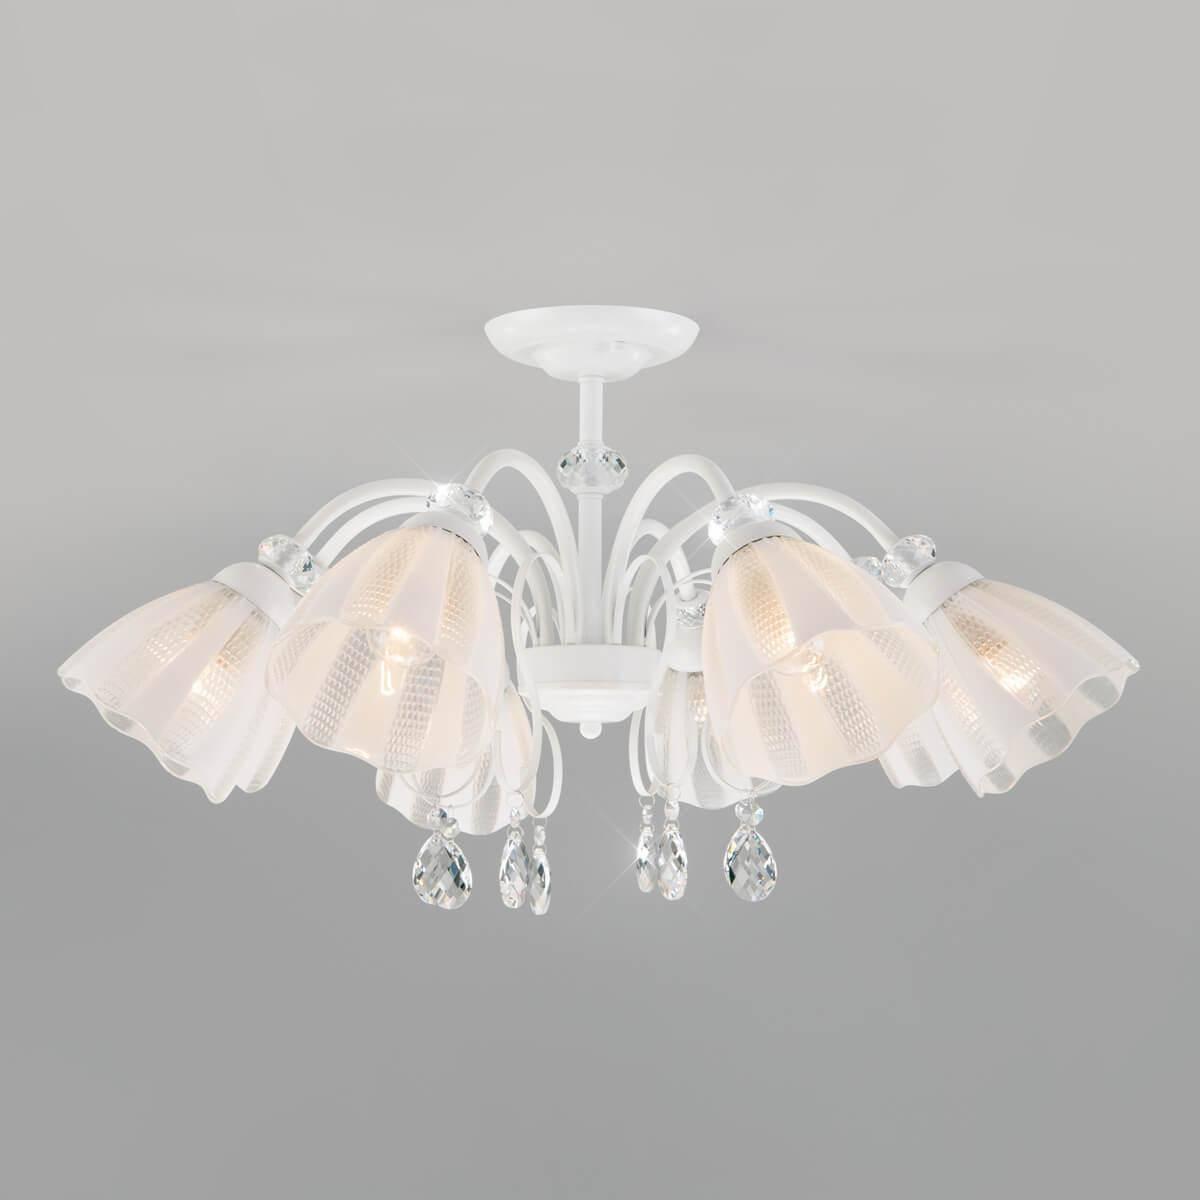 Потолочная люстра Eurosvet Floranse 30155/8 белый